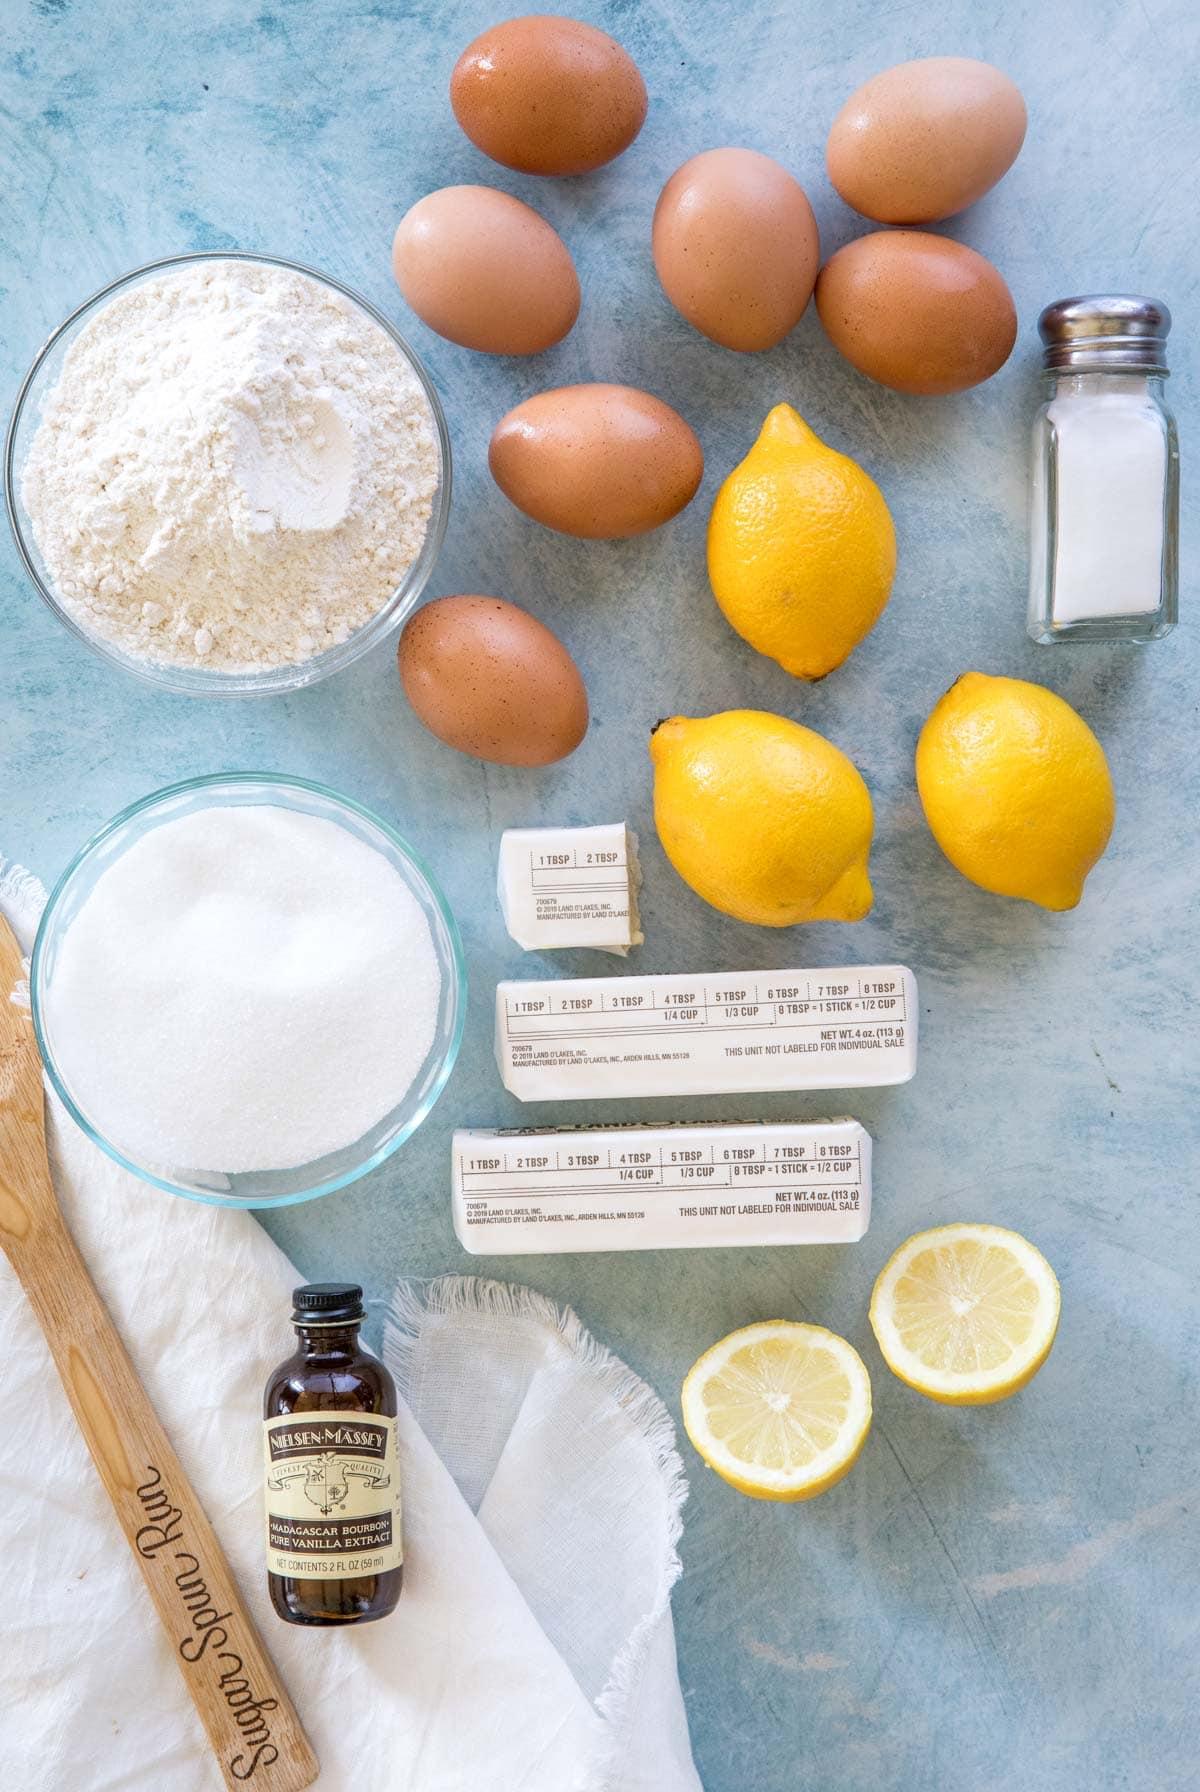 ingredients for lemon bars